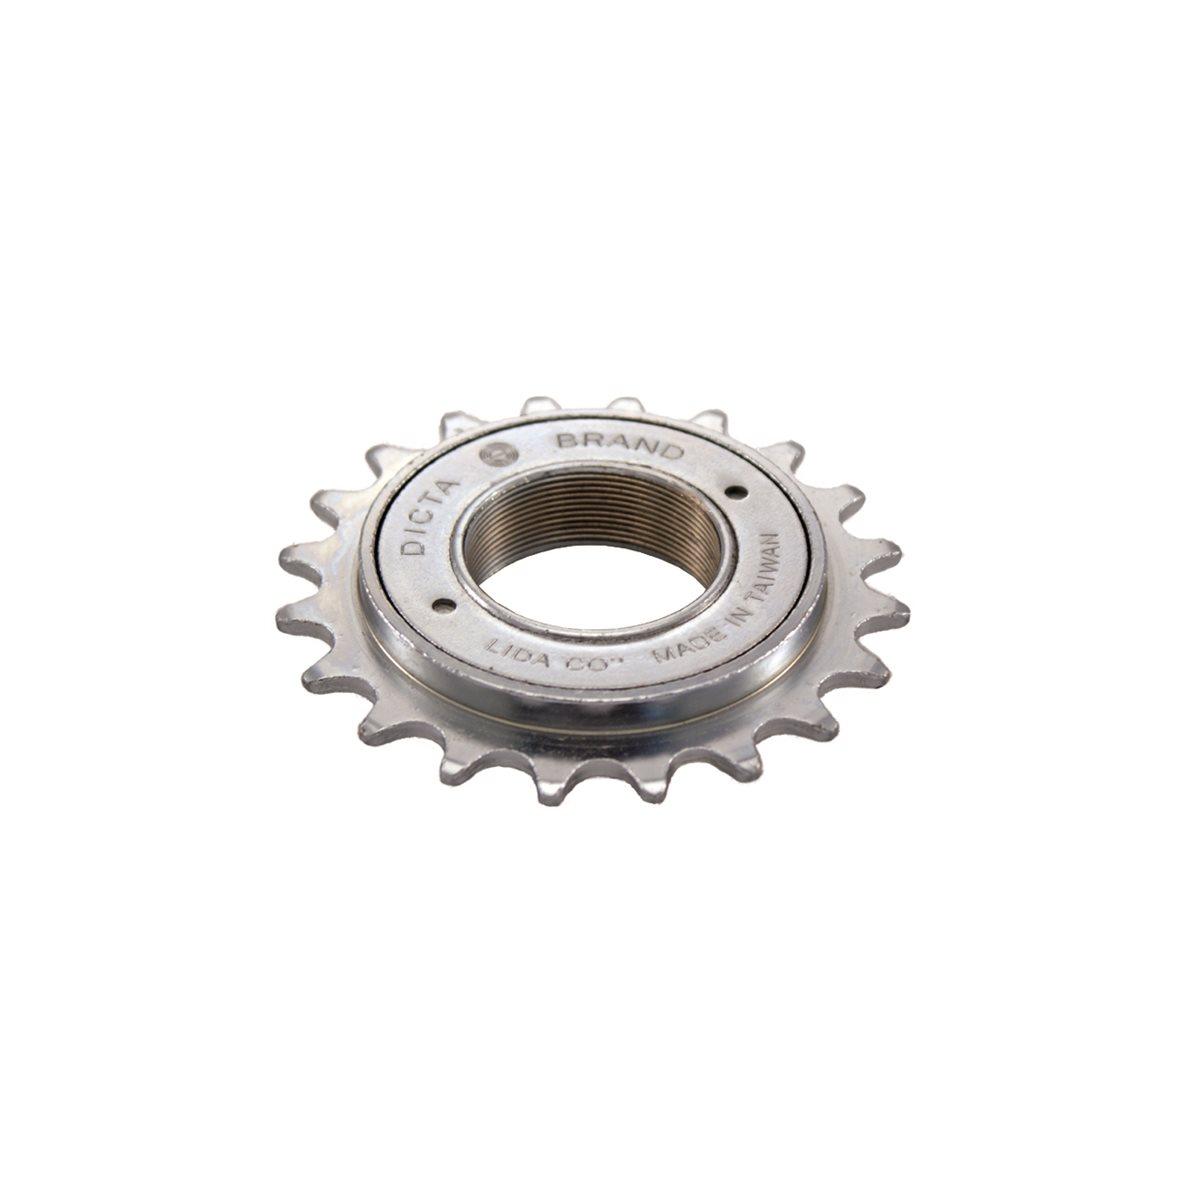 Freewheel 18T 1/2'' x 1/8'' chrome finish